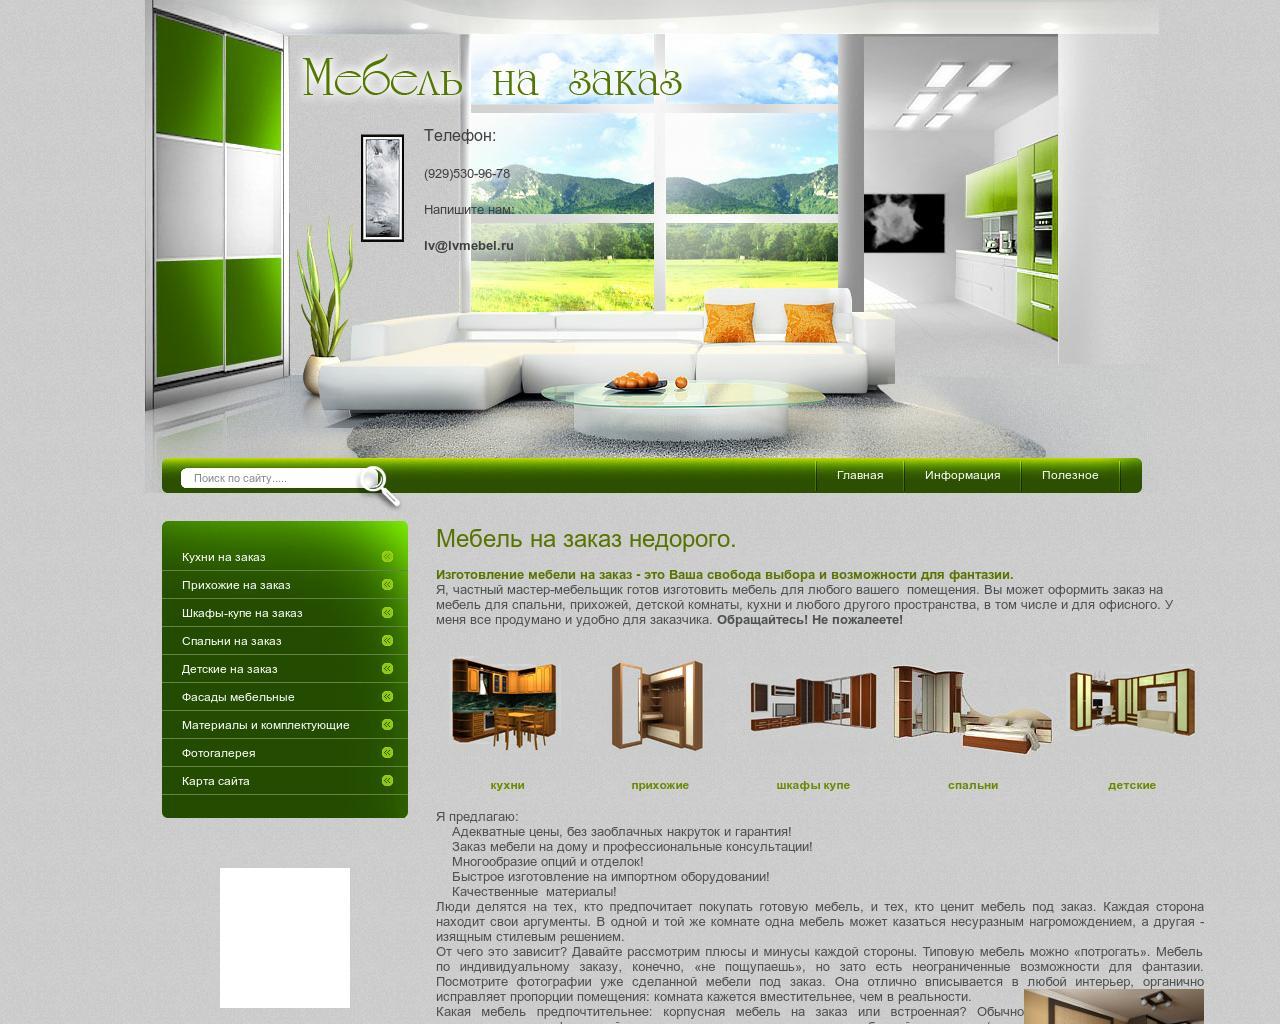 Lvmebel.ru изготовление мебели по индивидуальному заказу. ин.